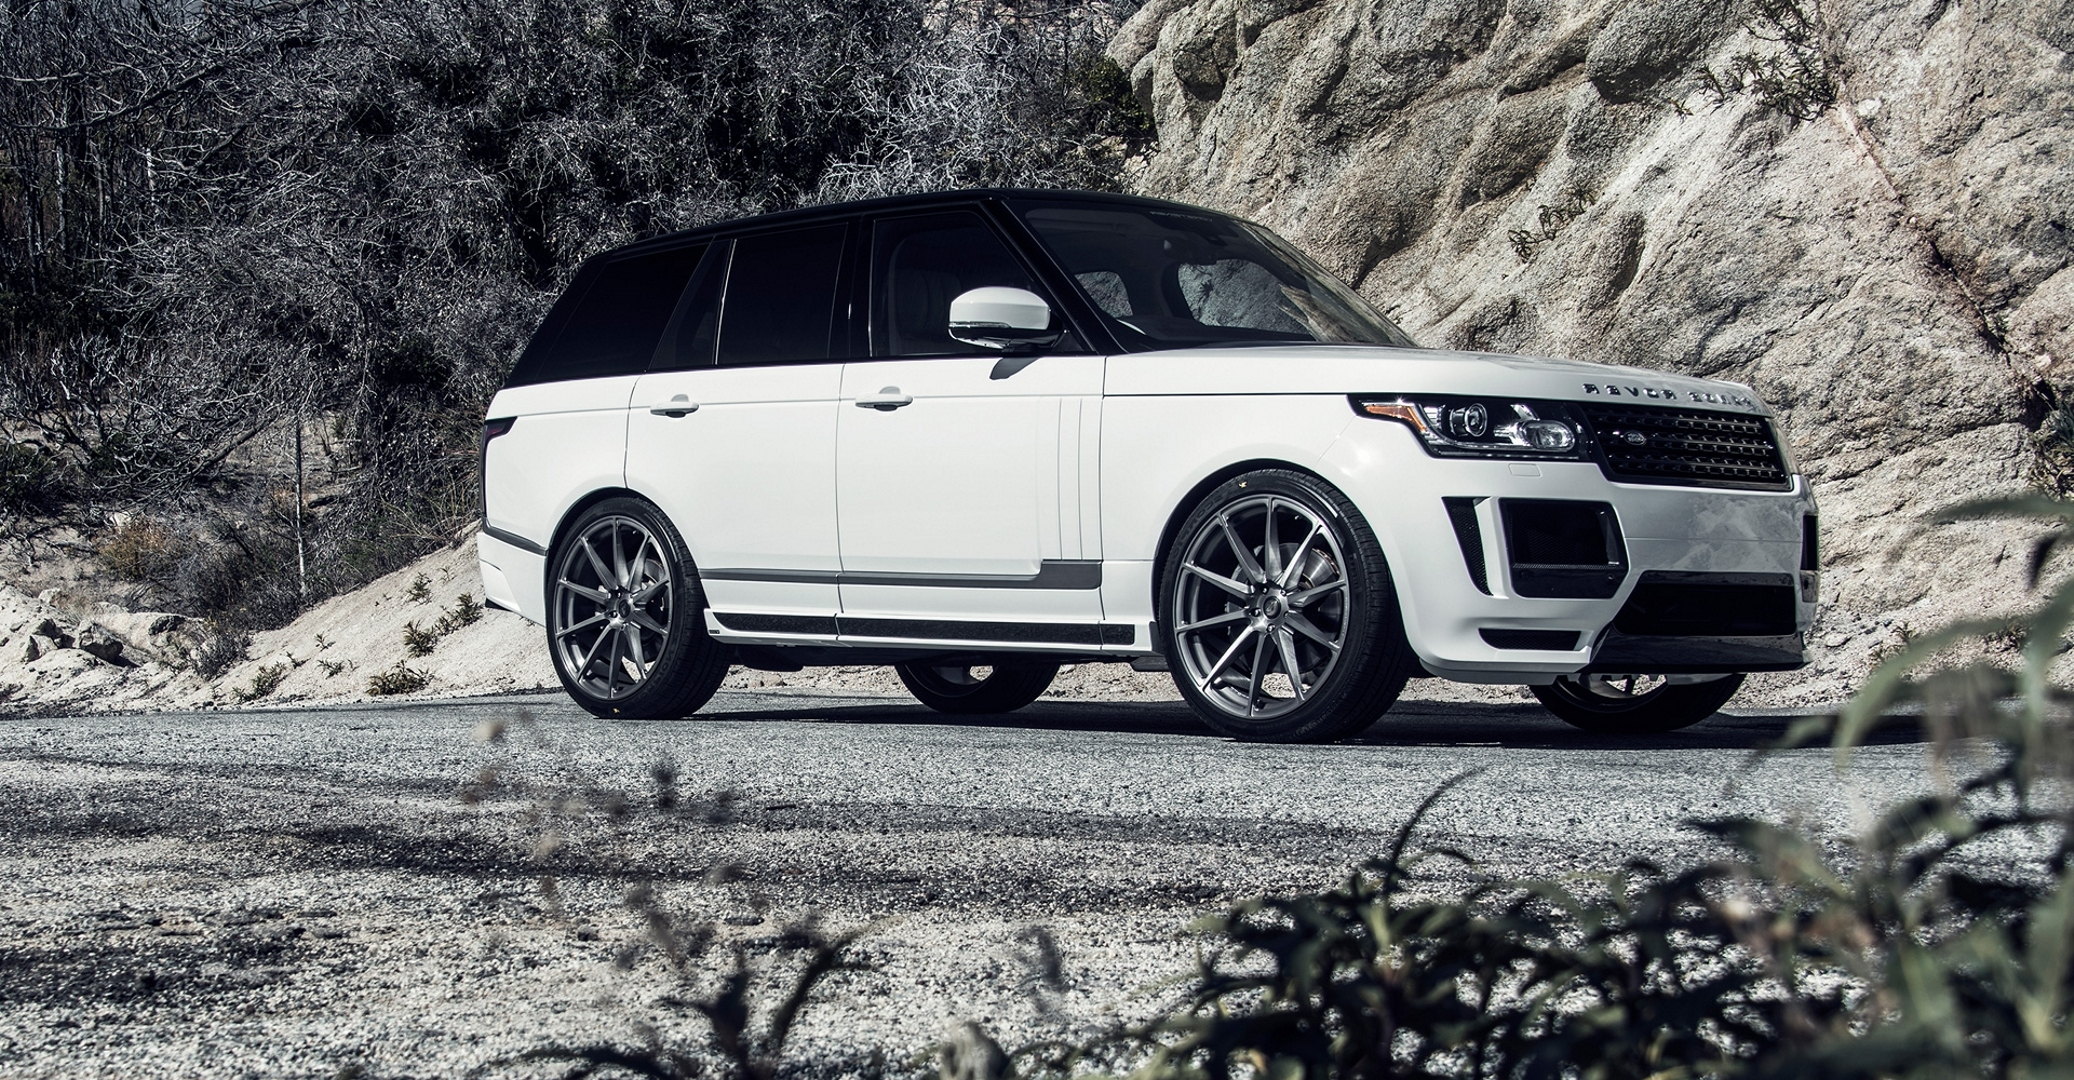 83440 скачать обои Тачки (Cars), Ленд Ровер (Land Rover), Рендж Ровер (Range Rover), Vogue, Белый, Вид Сбоку - заставки и картинки бесплатно